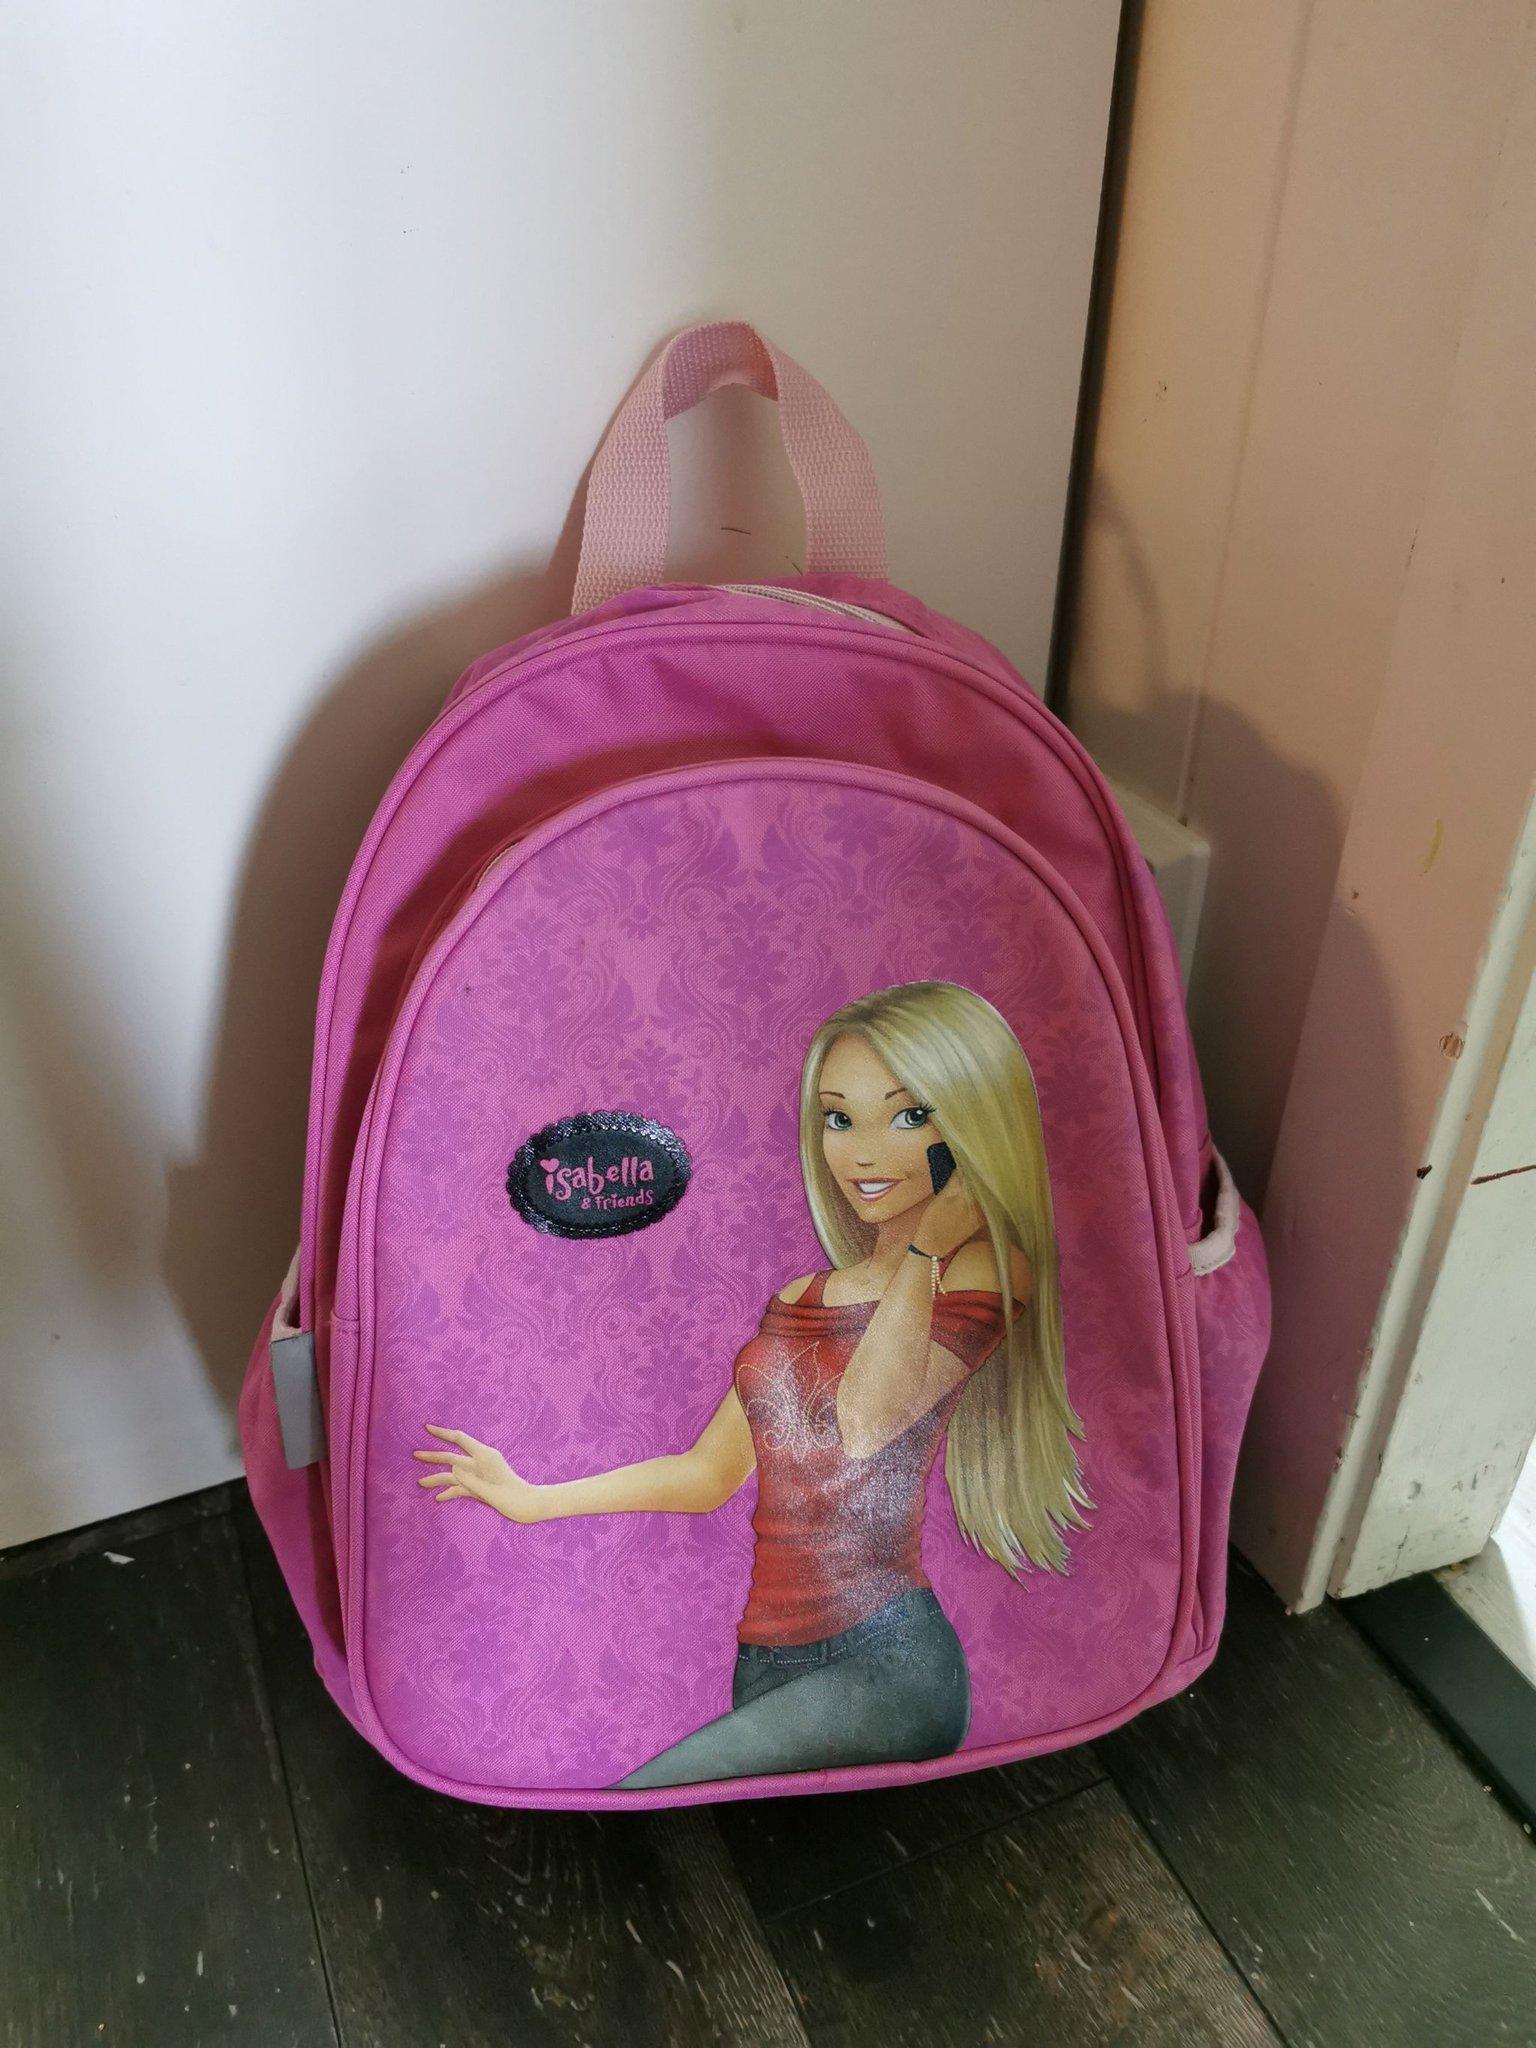 Barbie ryggsäck (415427918) ᐈ Köp på Tradera